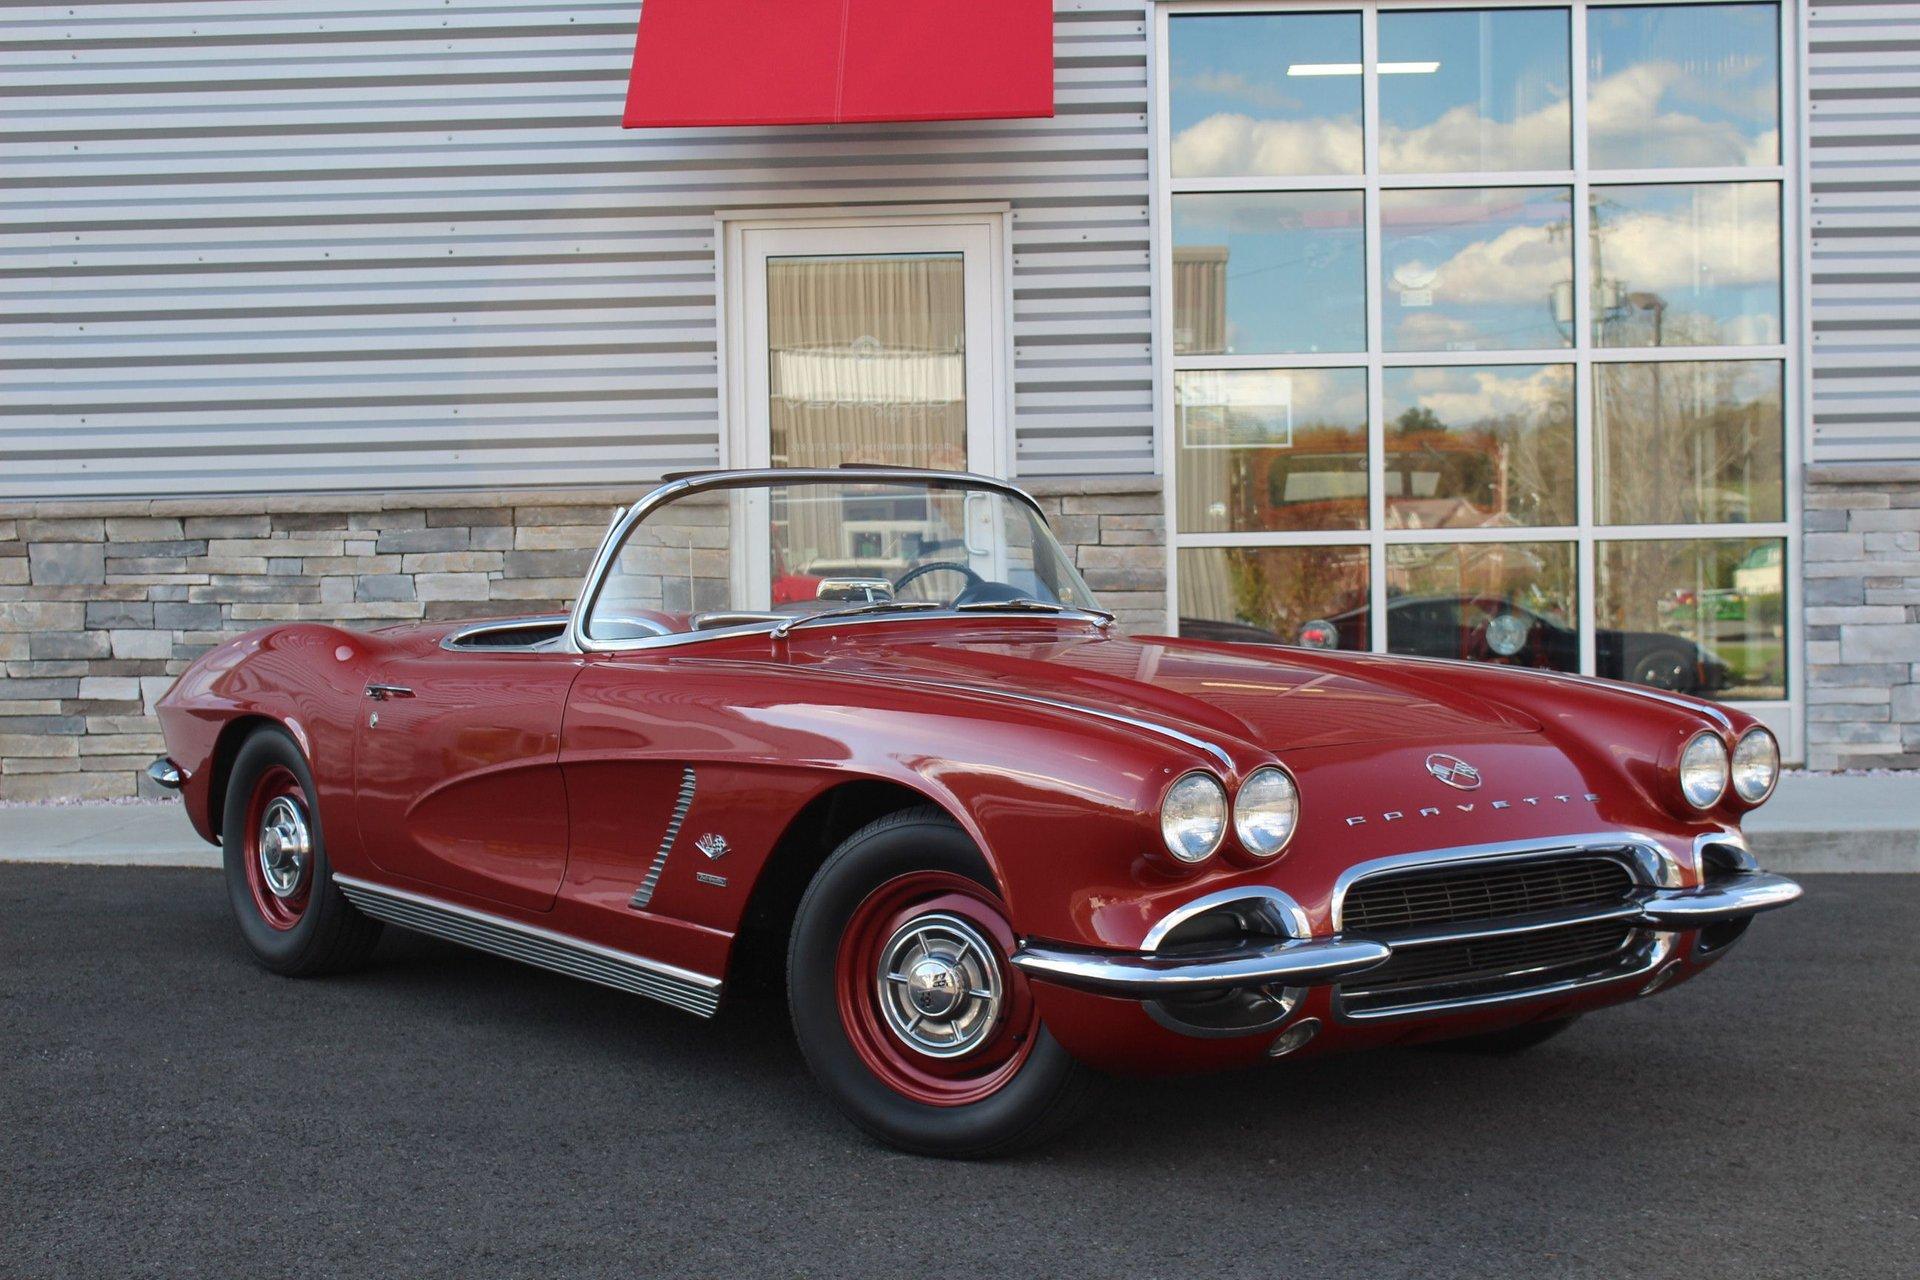 1962 chevrolet corvette convertible fuel injection